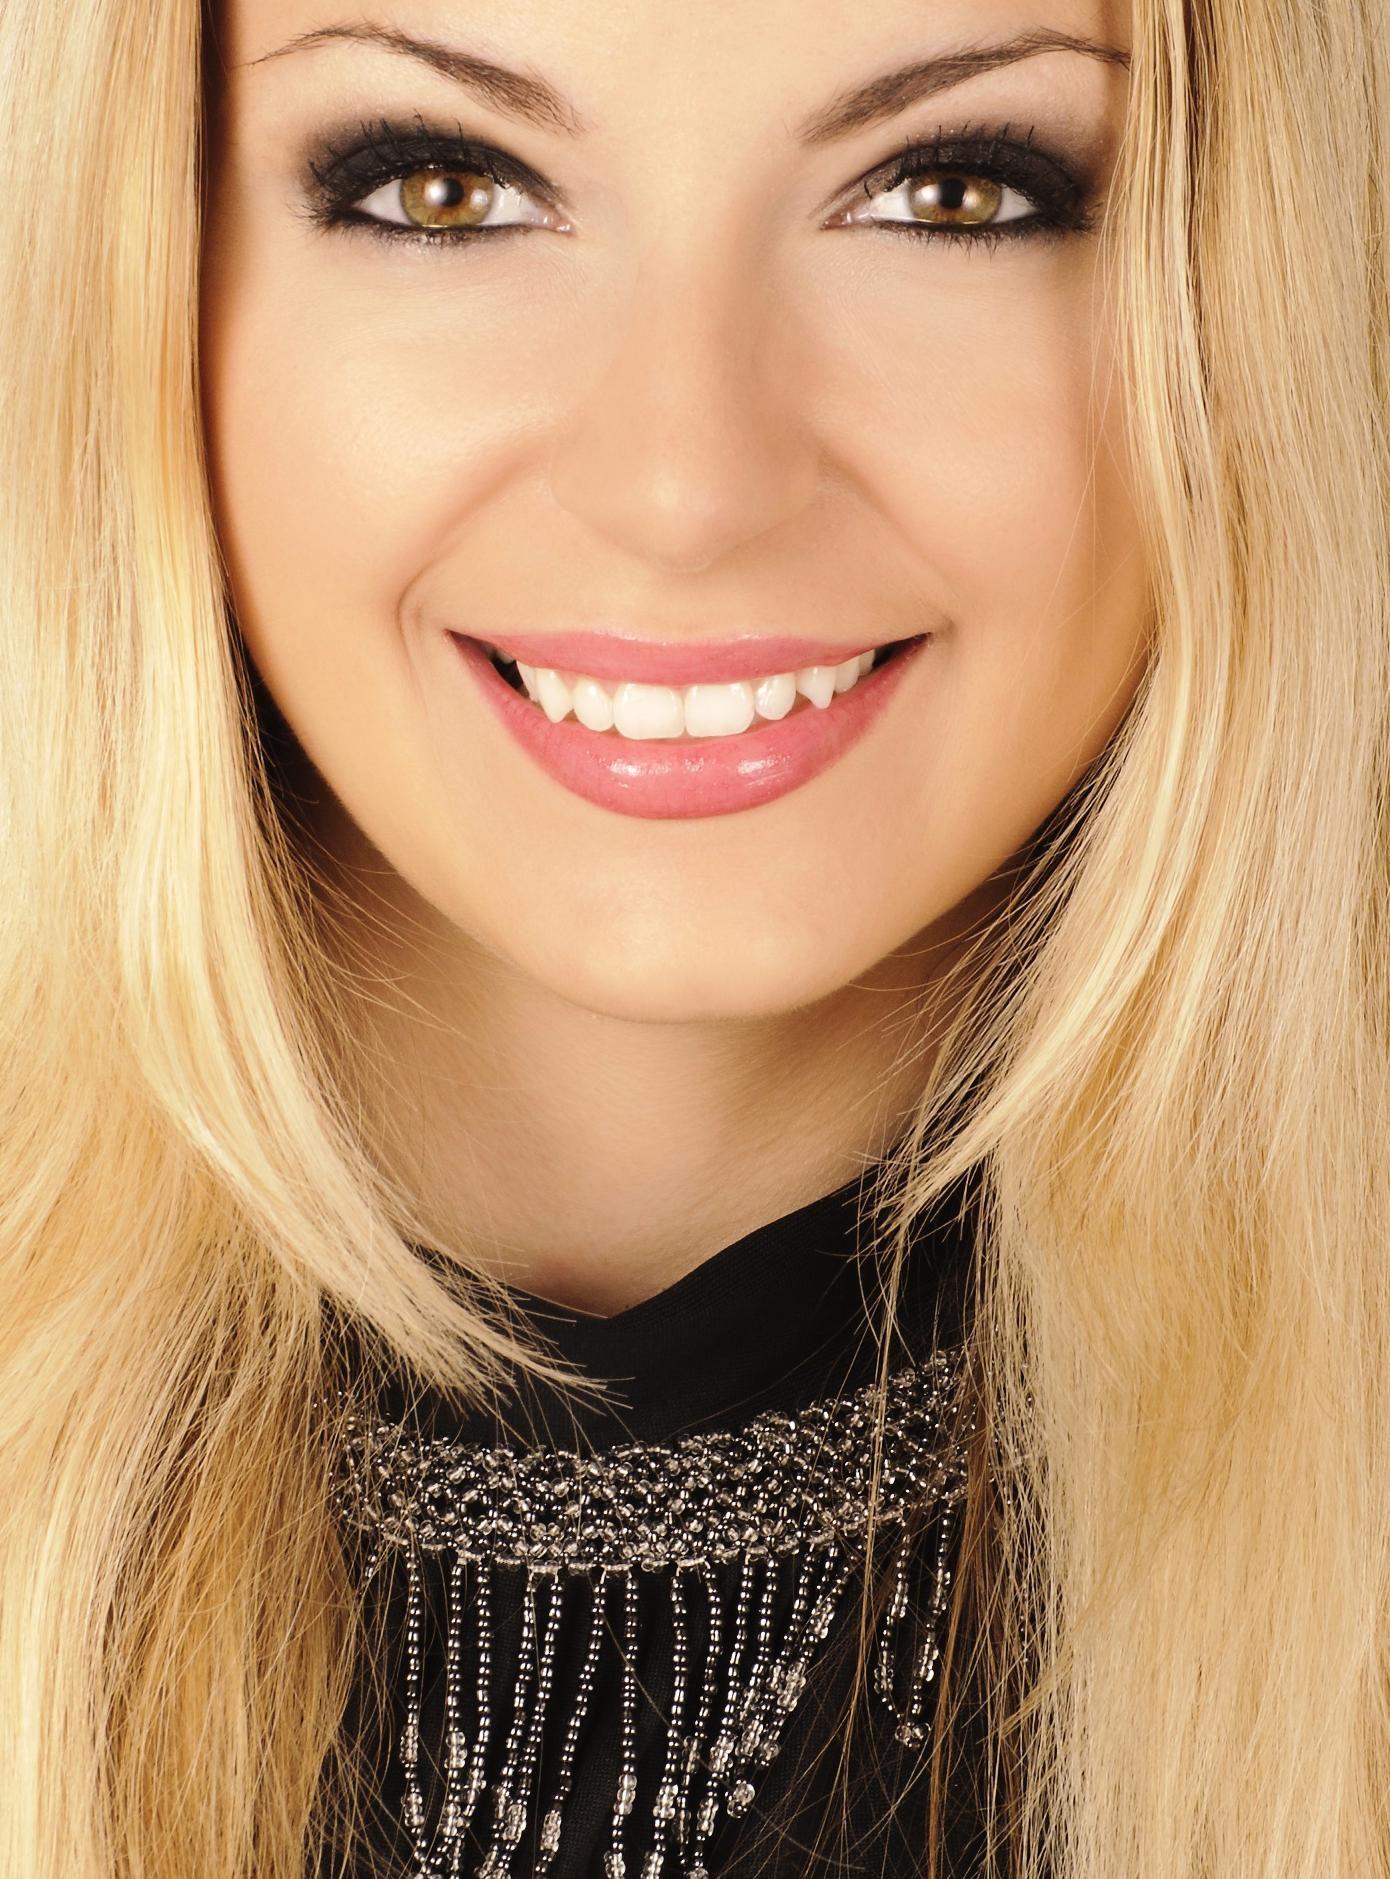 Free Picture Woman Fashion Glamour Pretty Eye Lips